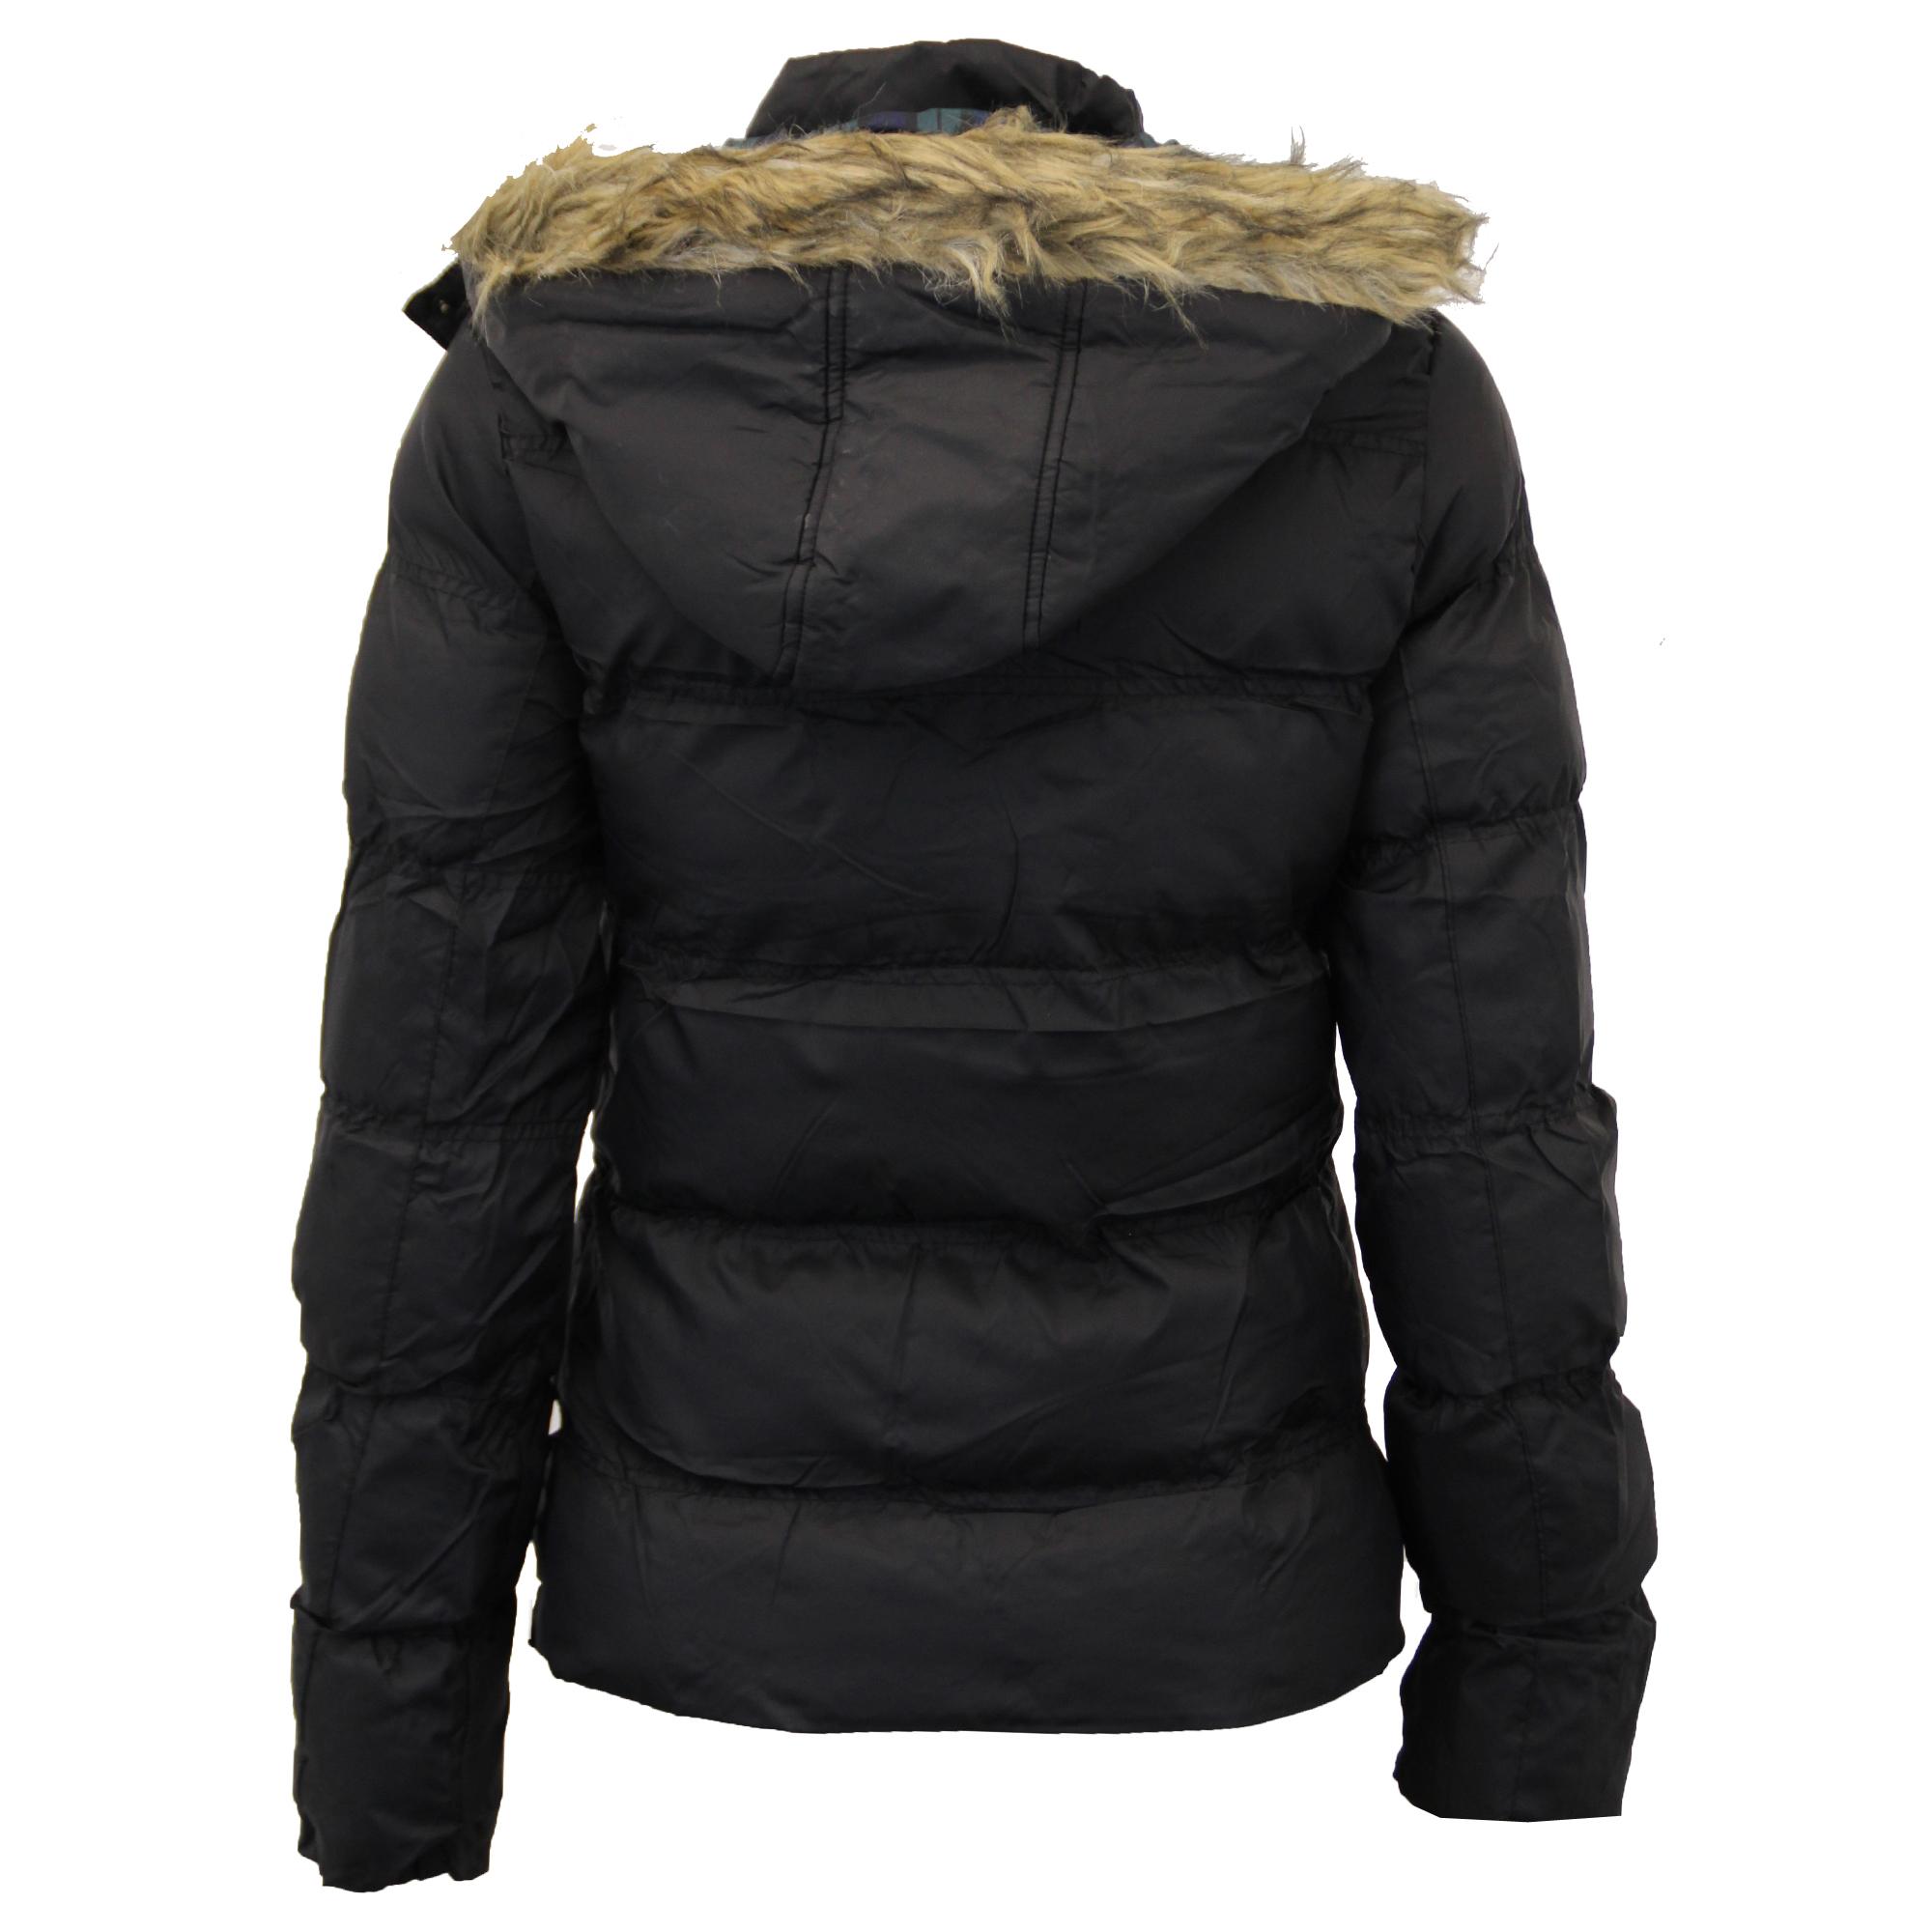 Womens coats ebay